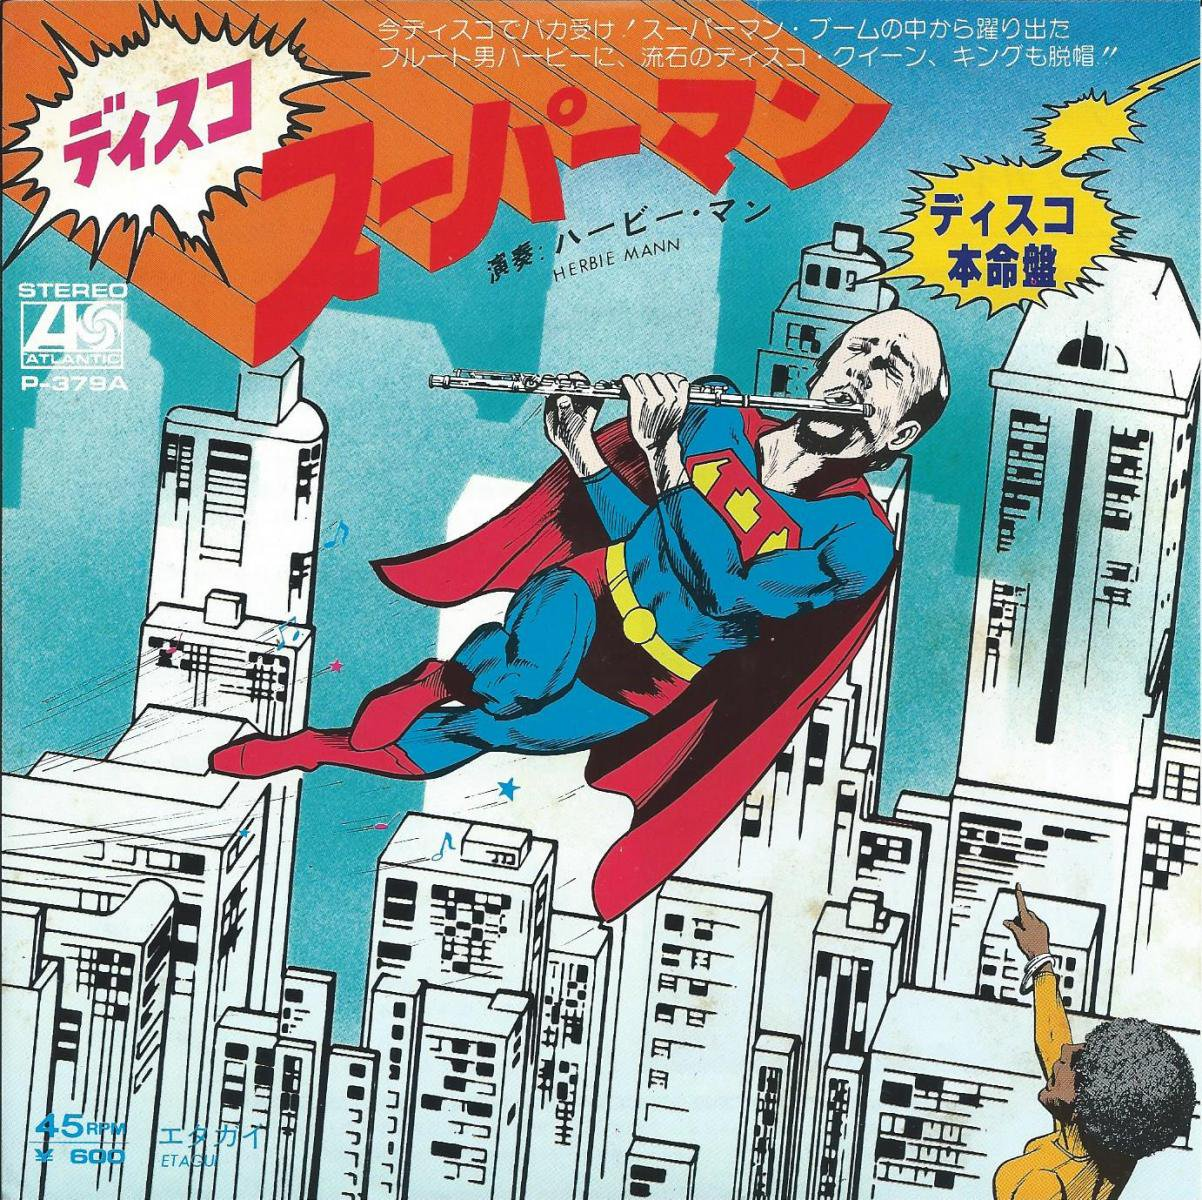 ハービーマン HERBIE MANN / ディスコ・スーパーマン SUPERMAN / エタガイ ETAGUI (7